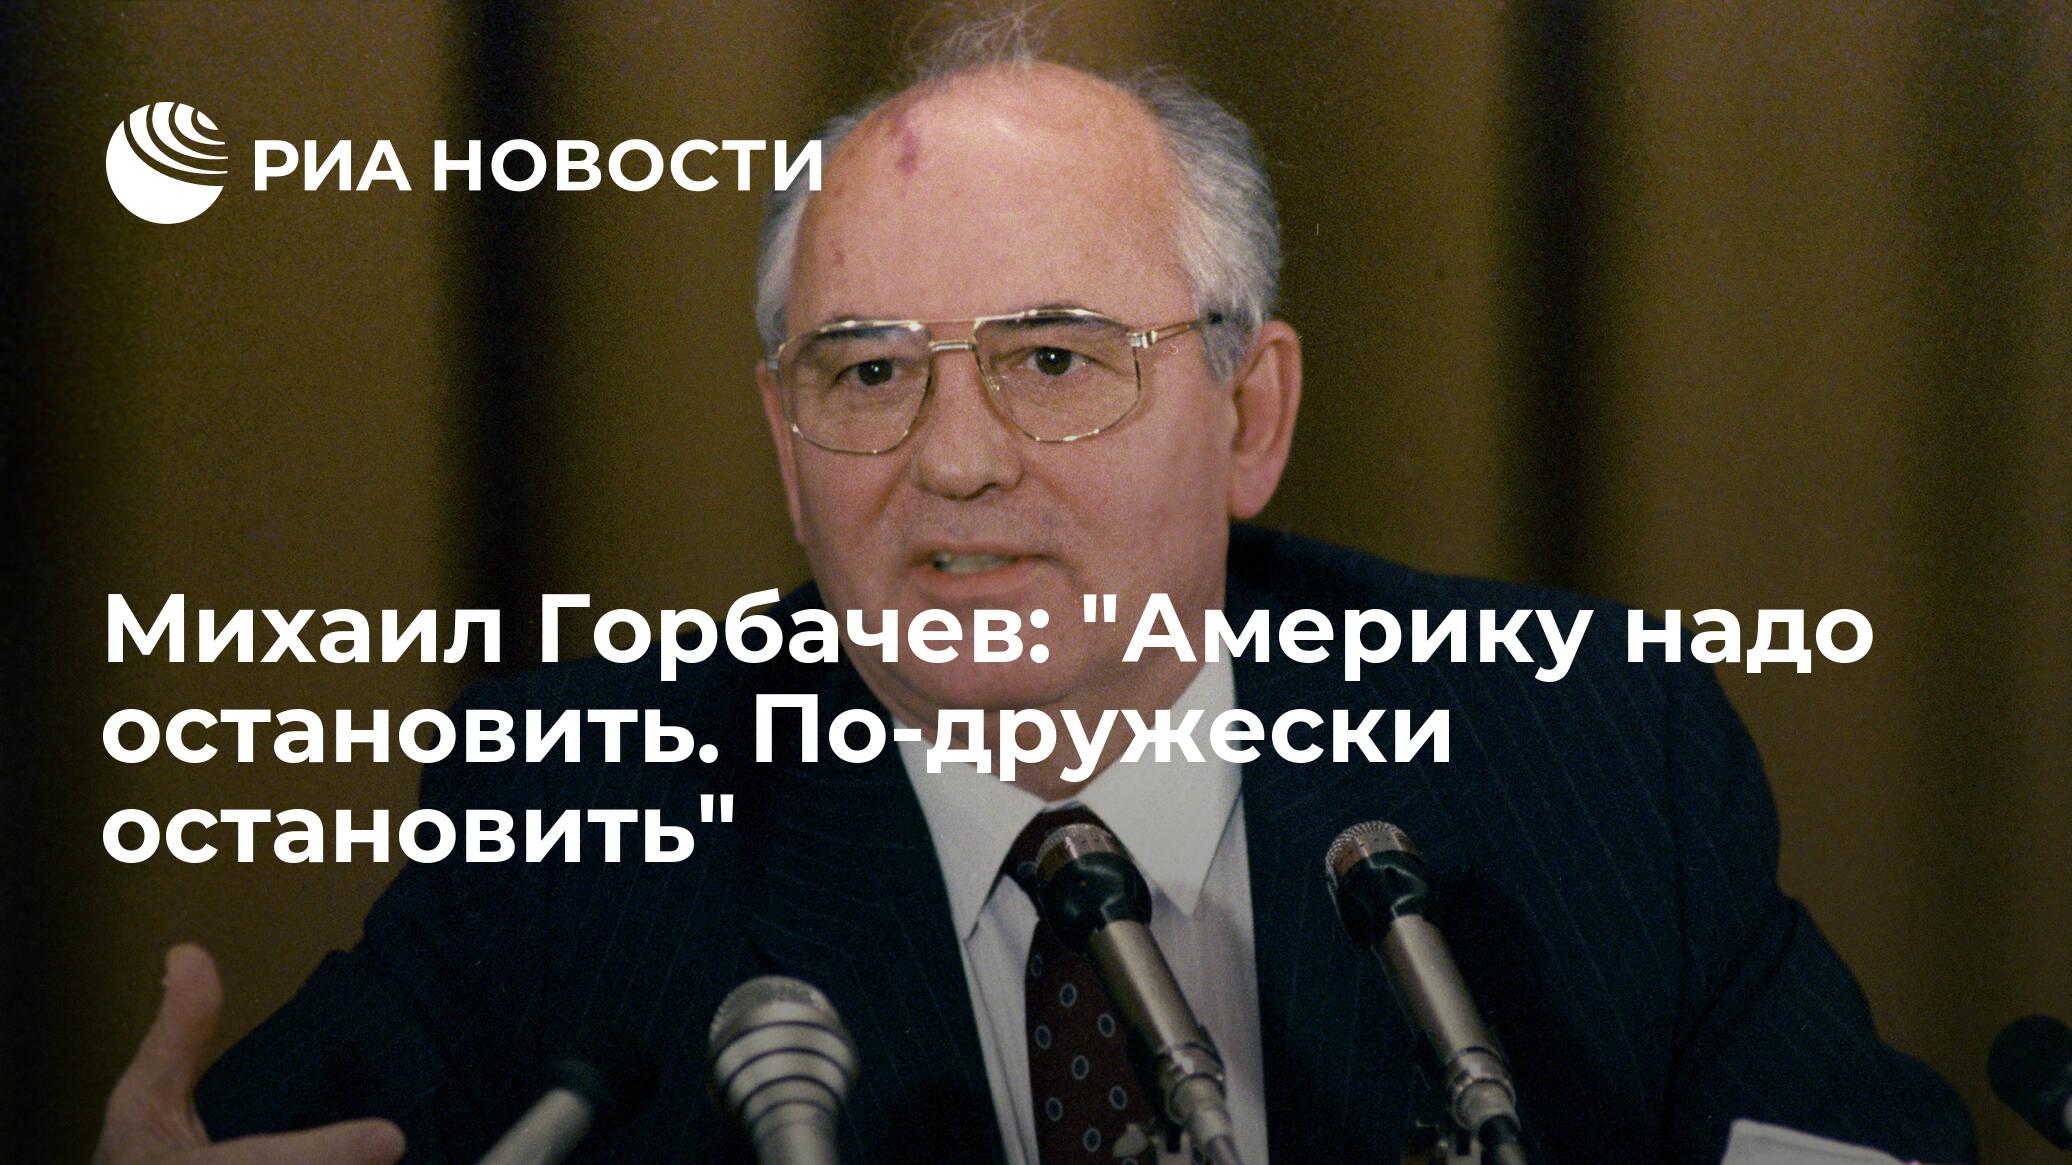 """Михаил Горбачев: """"Америку надо остановить. По-дружески остановить"""""""